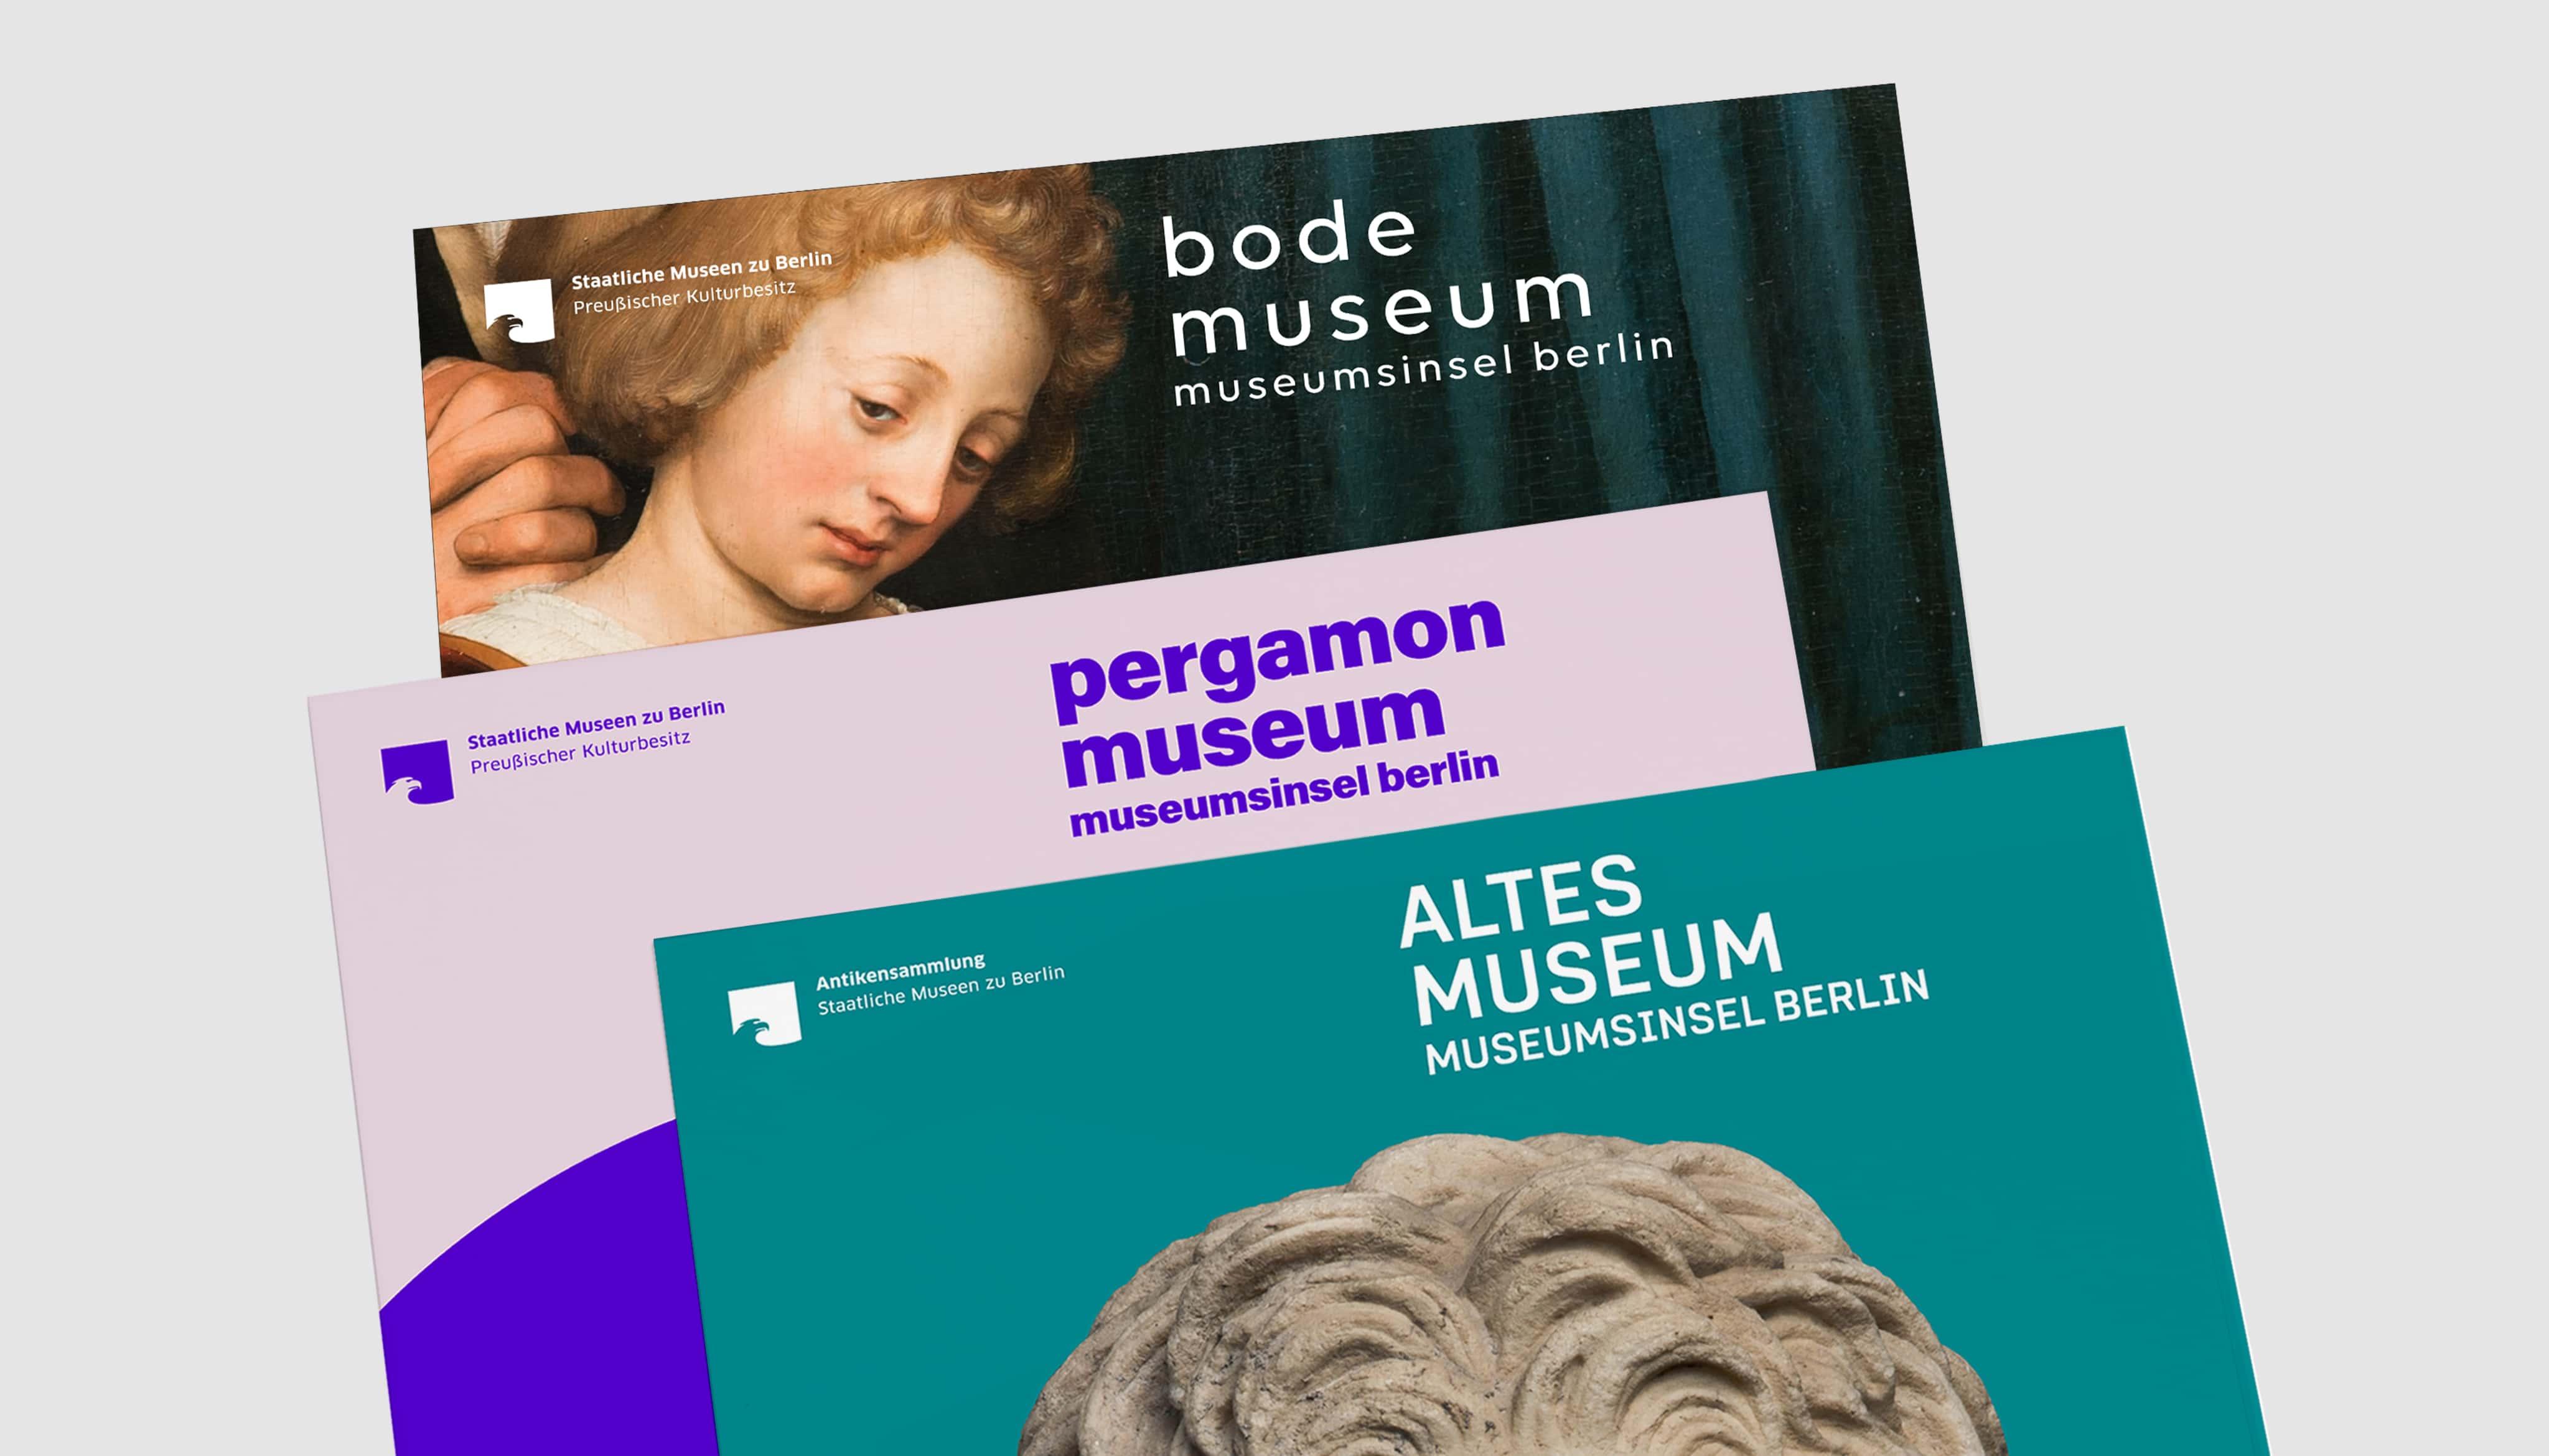 Bode Museum Pergamon Museum Altes Museum Poster